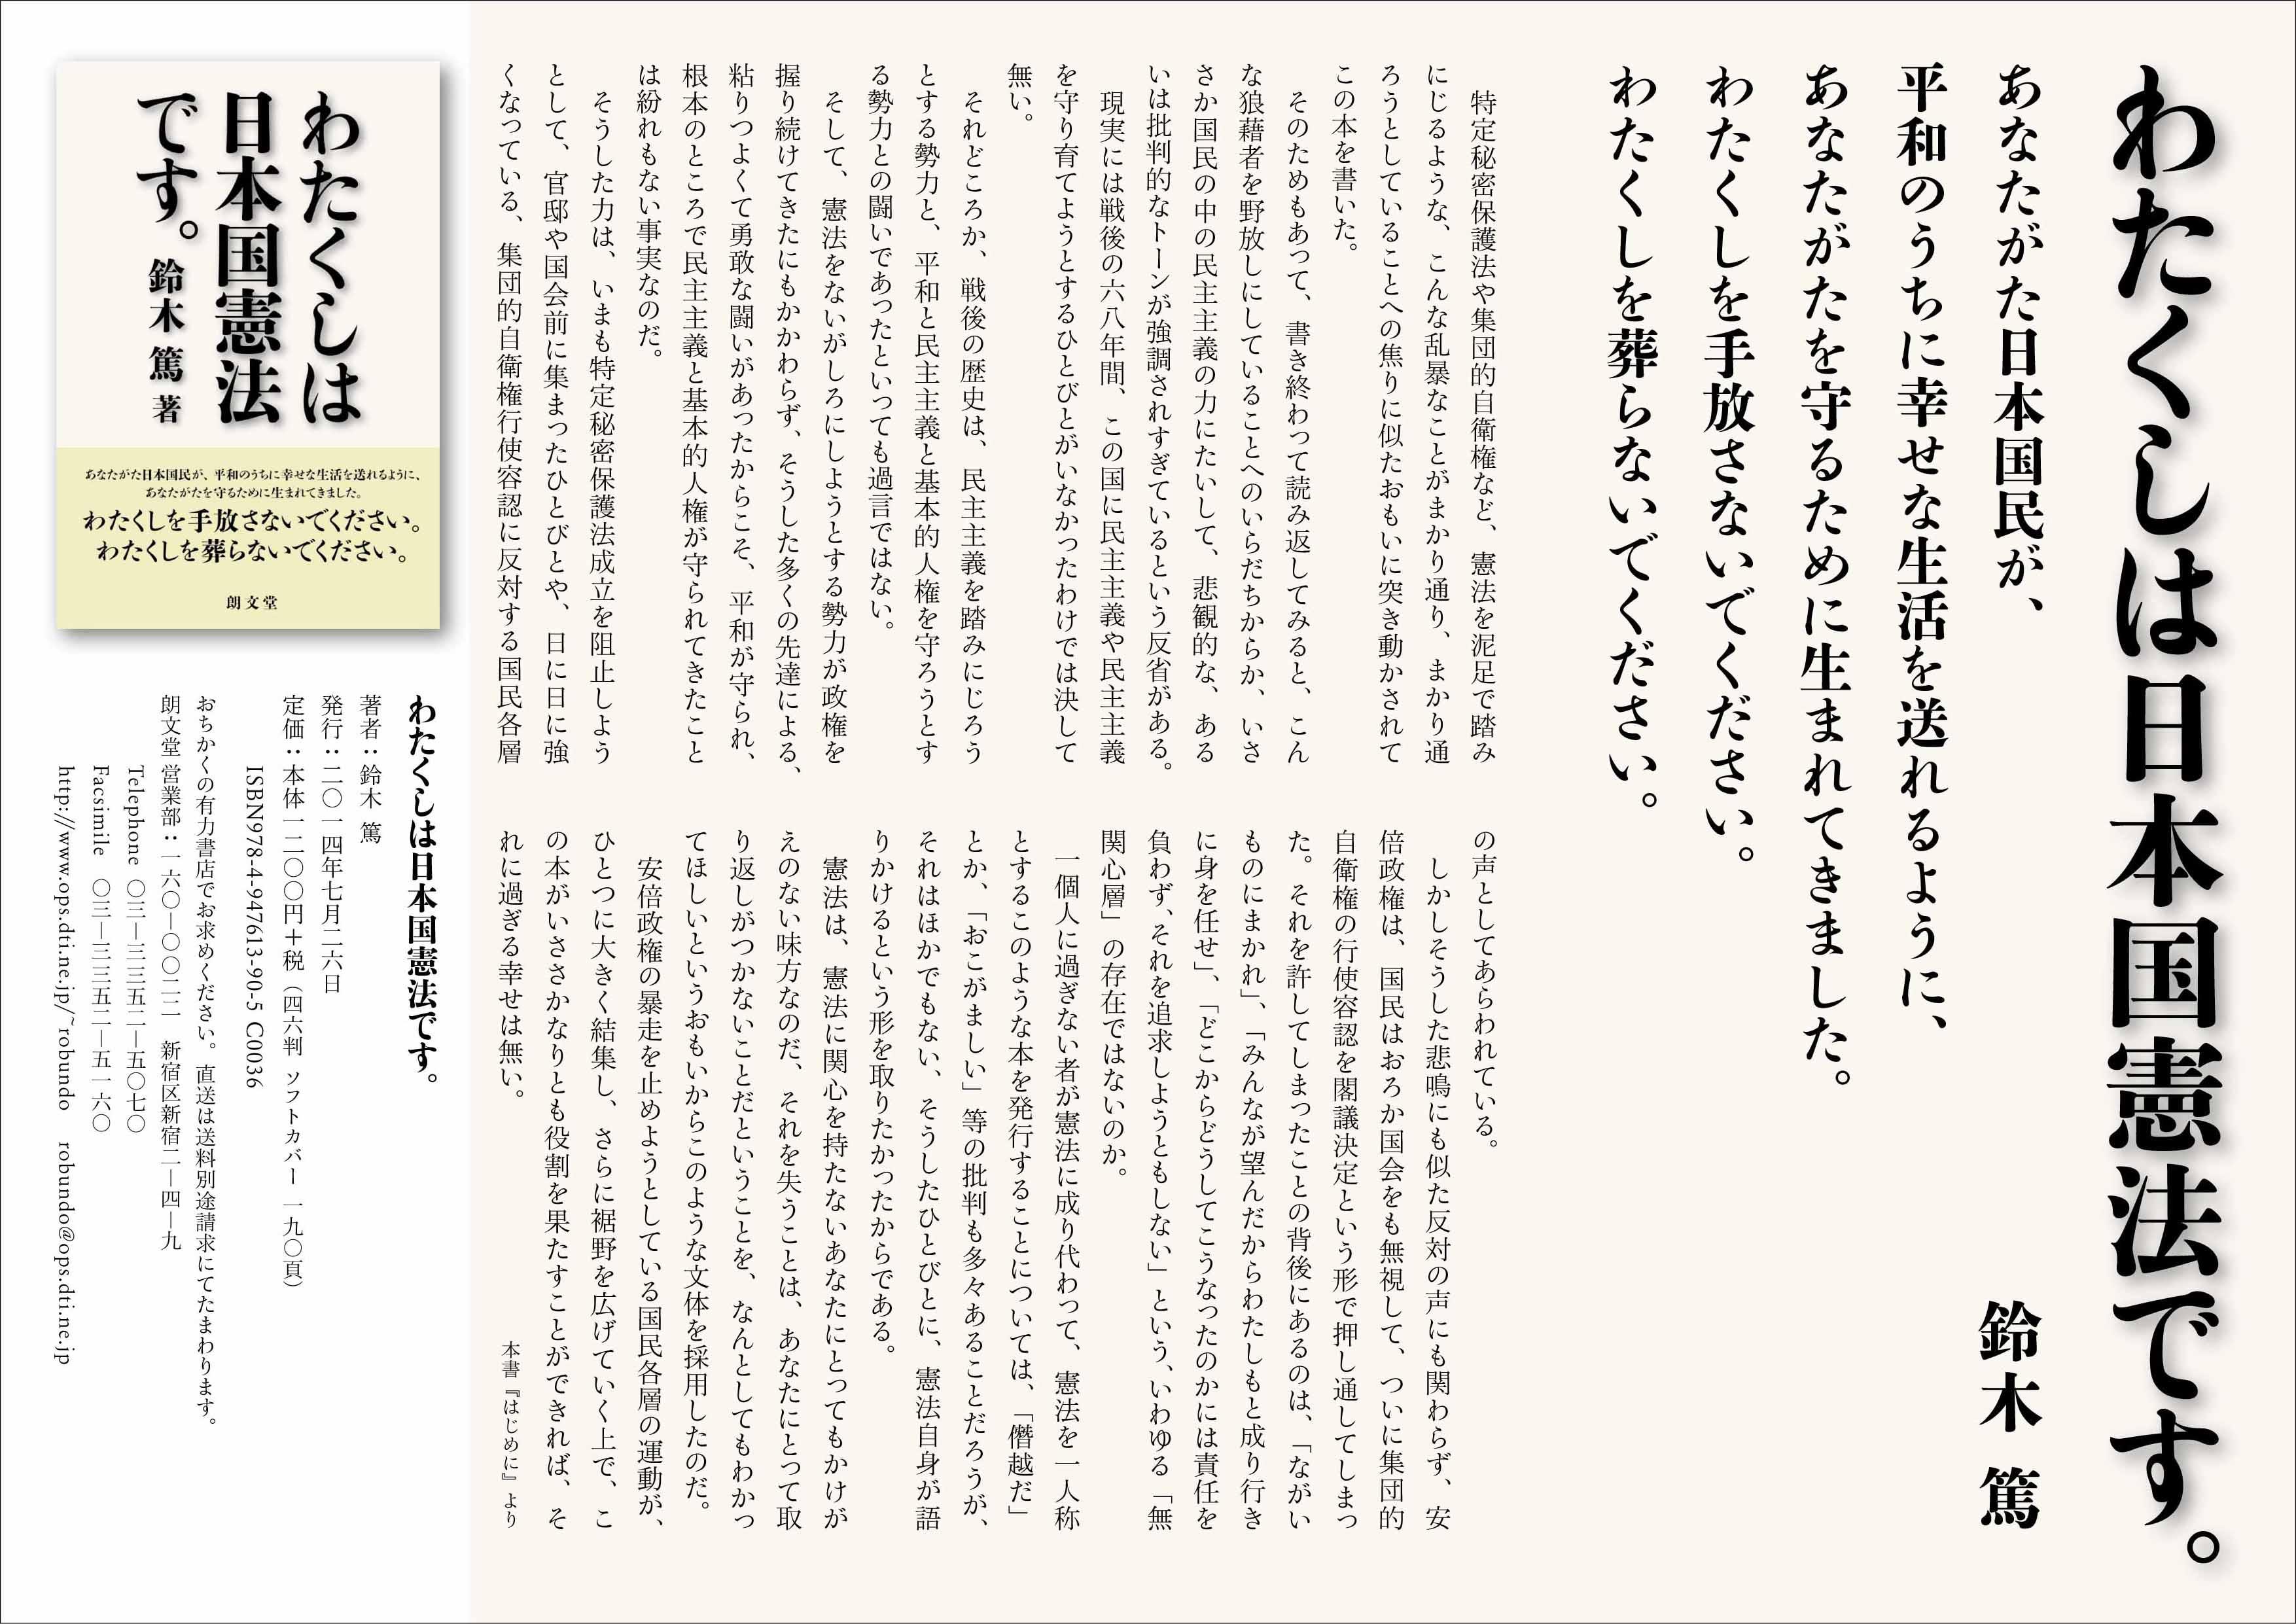 鈴木篤著「わたくしは日本国憲法です。」-(1)素晴らしい本との出会い!_e0337777_11130297.jpg